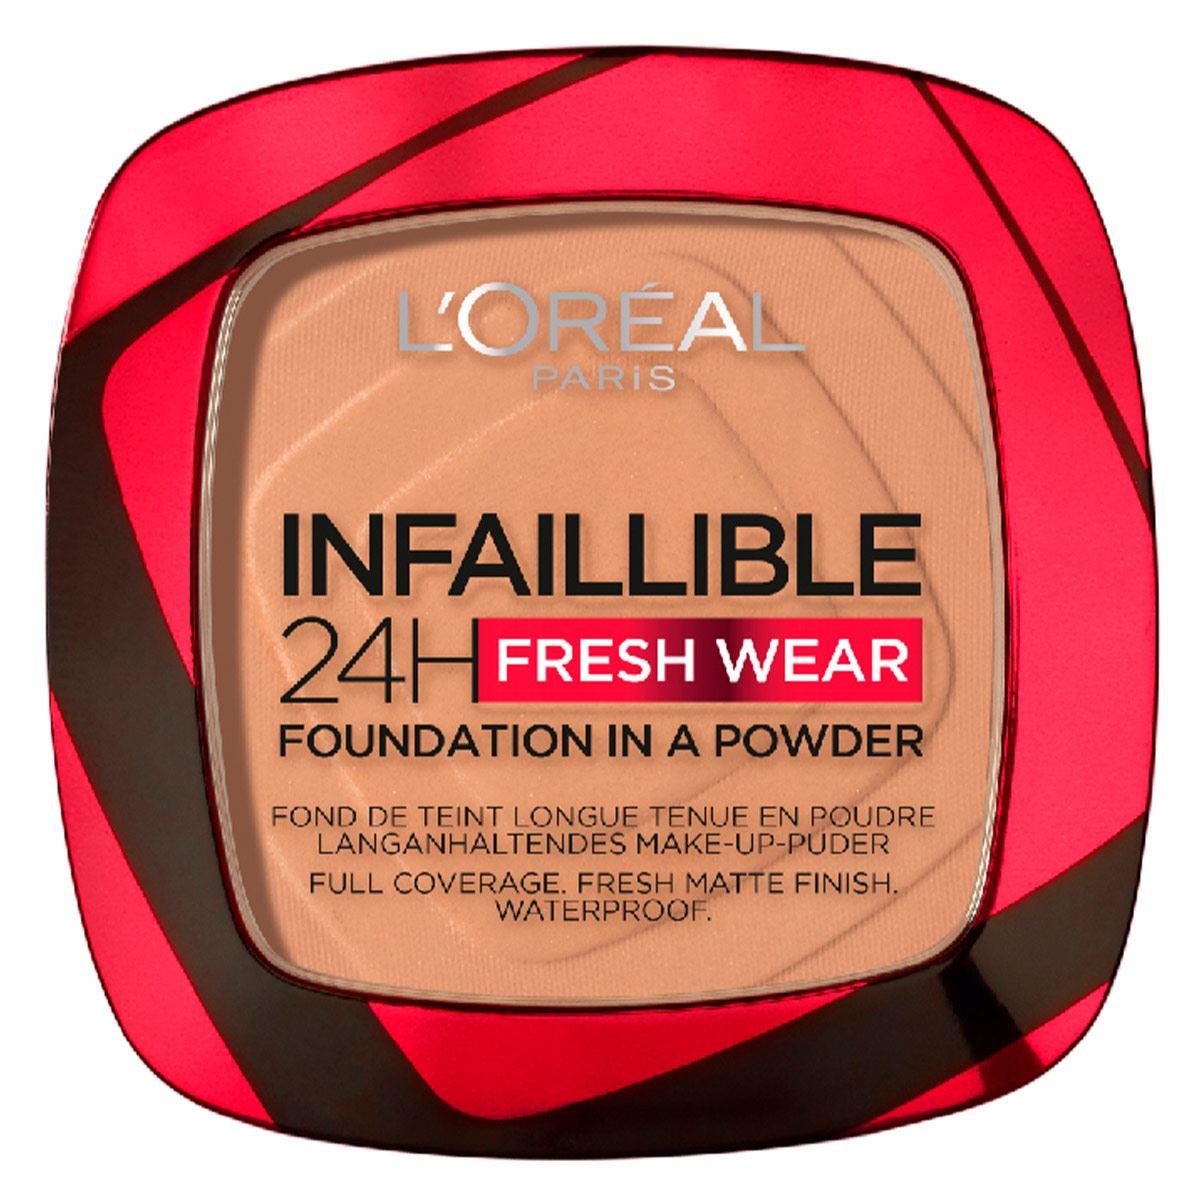 Base de maquillaje Infallible Semi-permanent L'Oréal Paris, Tono Golden Sun